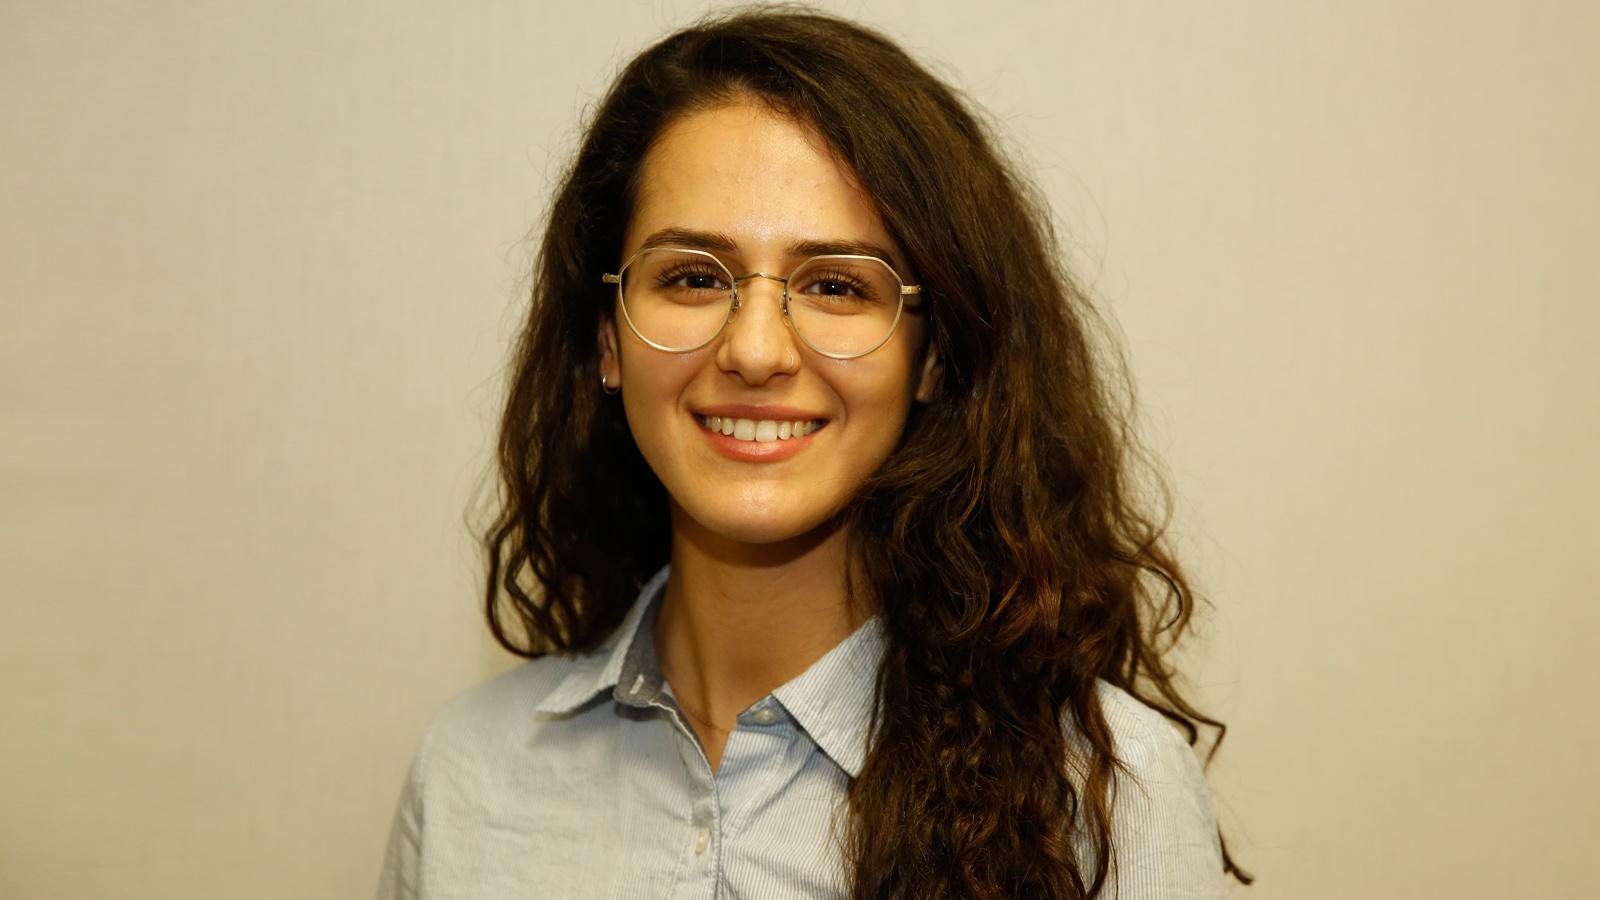 Eleni Katechis